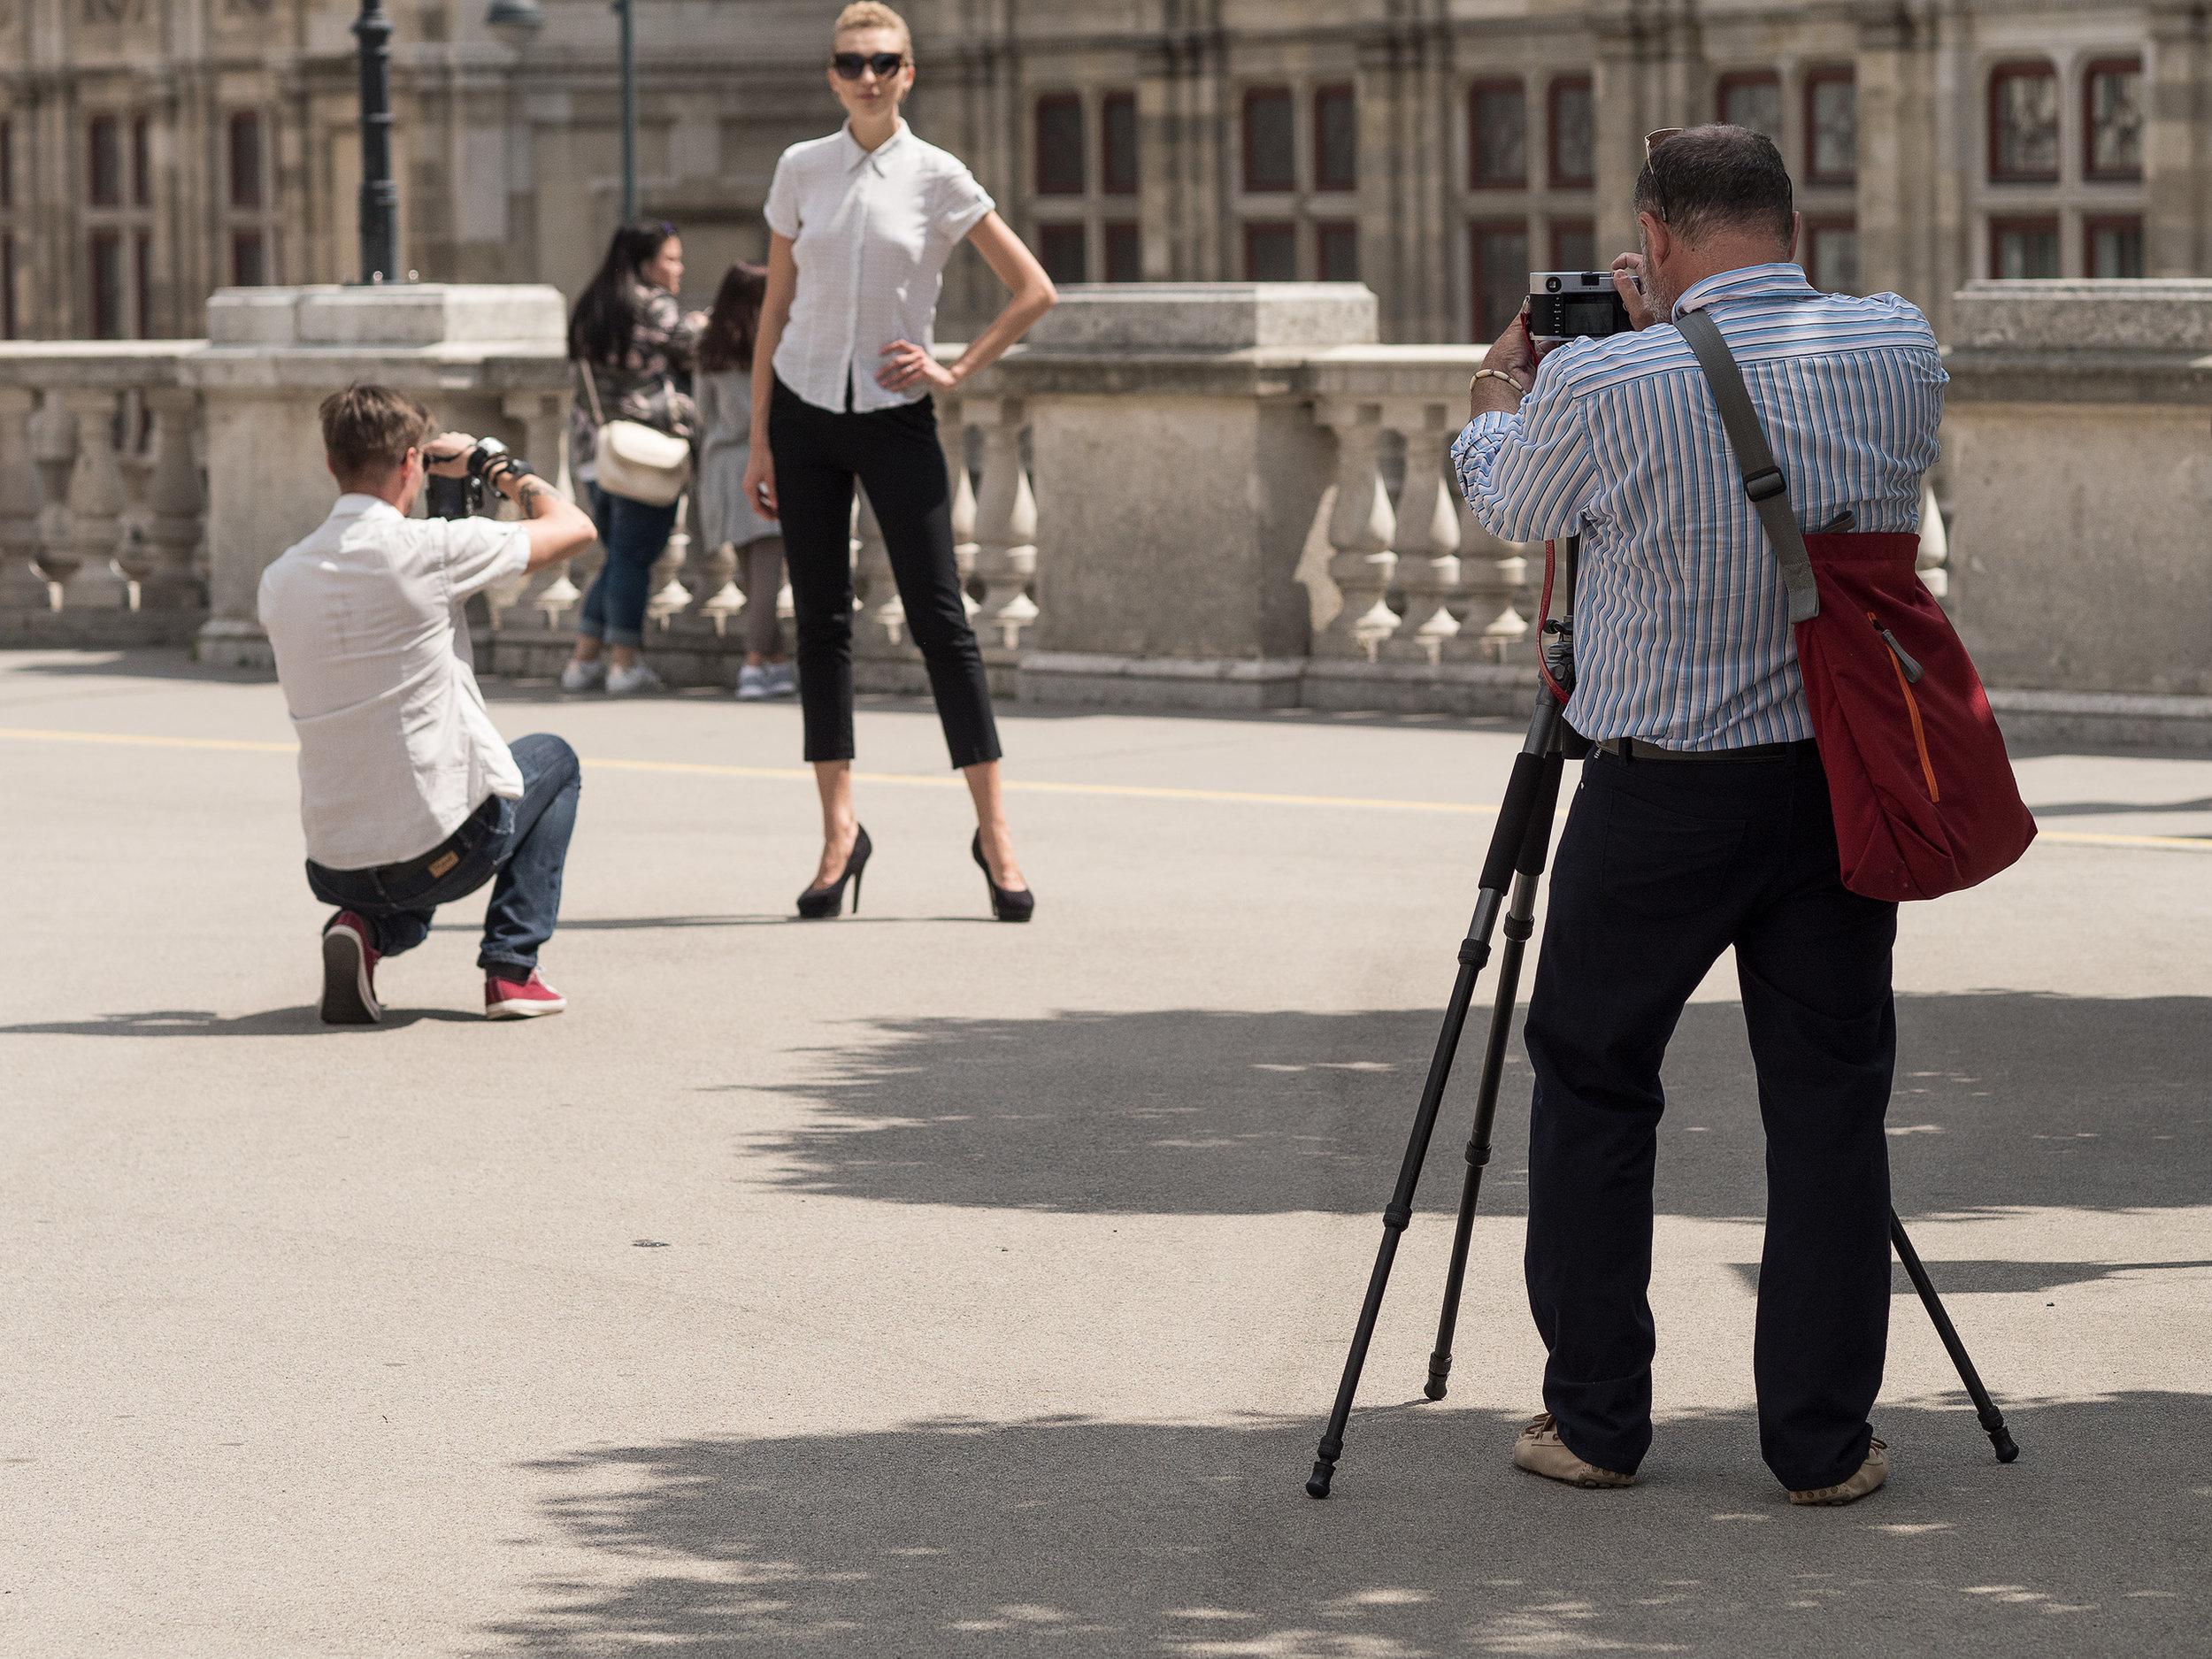 Digitales Filmen - FÜR FOTOGRAFEN/INNEN